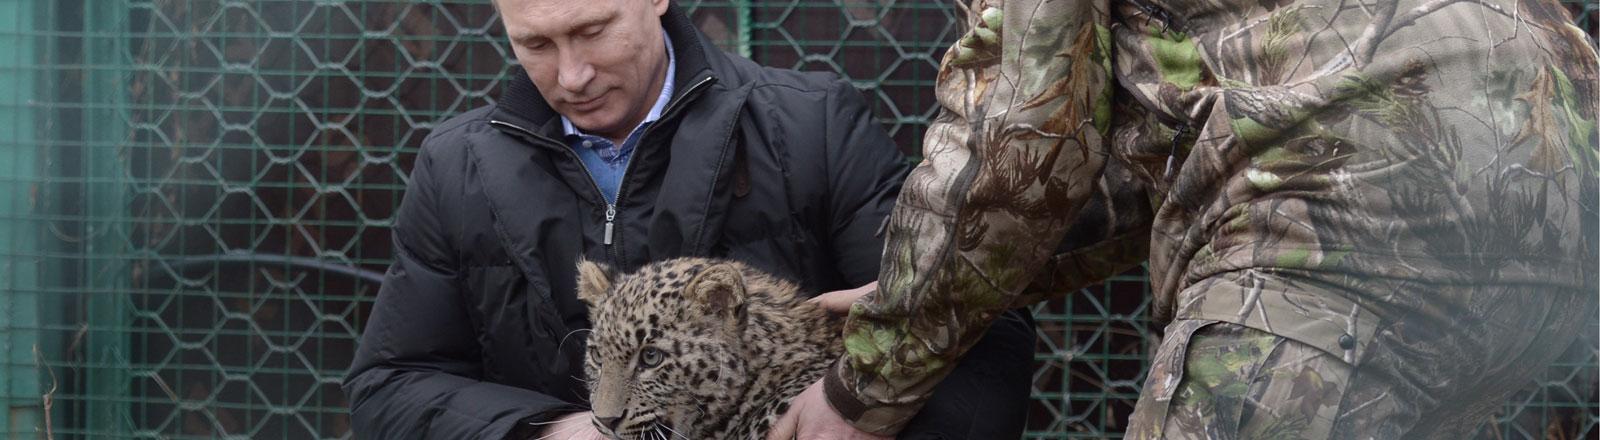 Wladimir Putin besucht eine Leoparden-Aufzuchtstation in Sotschi.